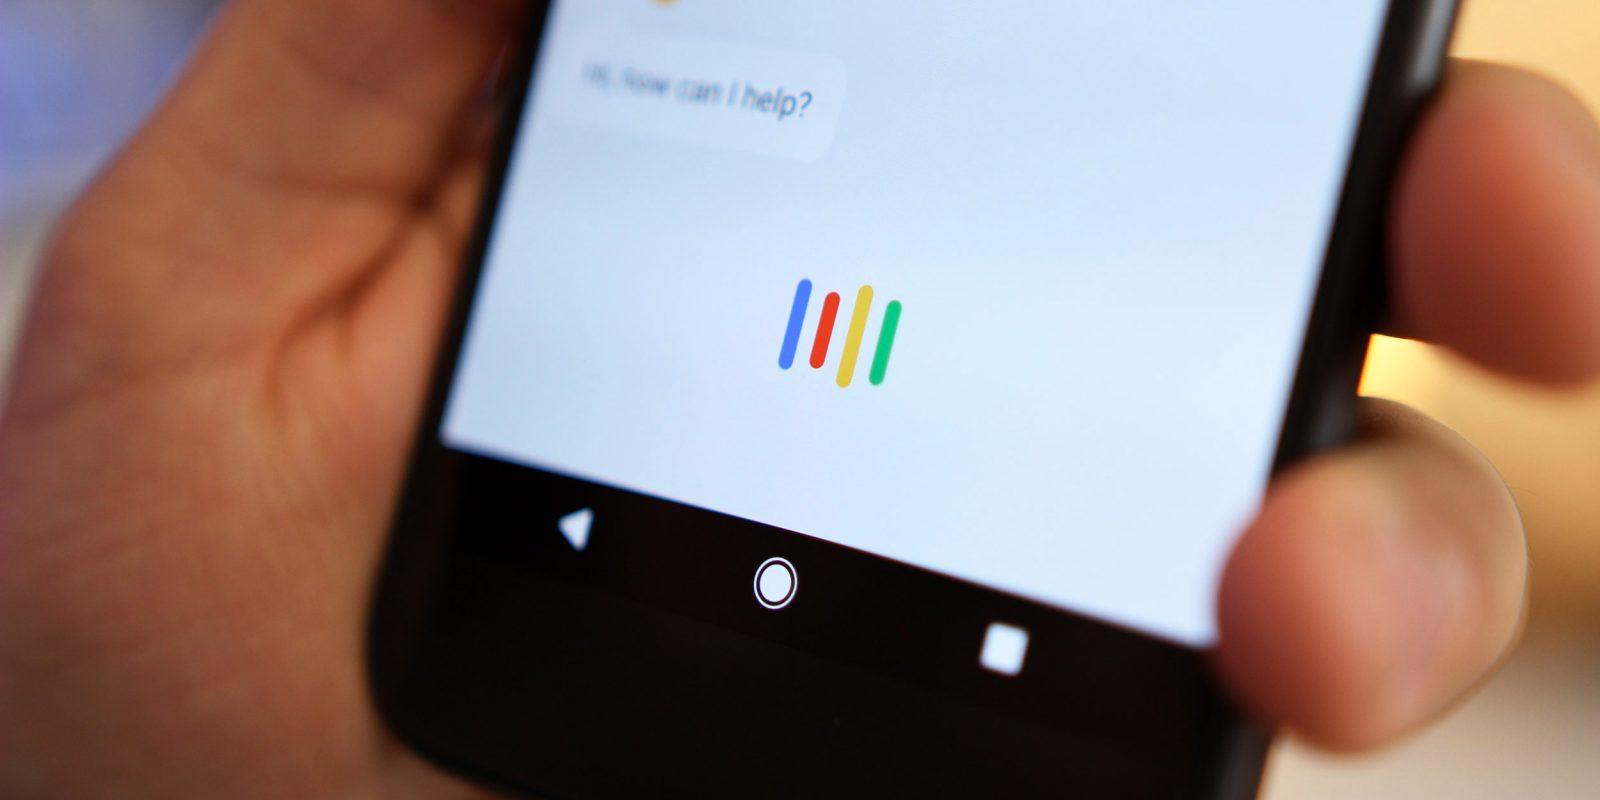 Come configurare OK Google su iOS e Android? 3